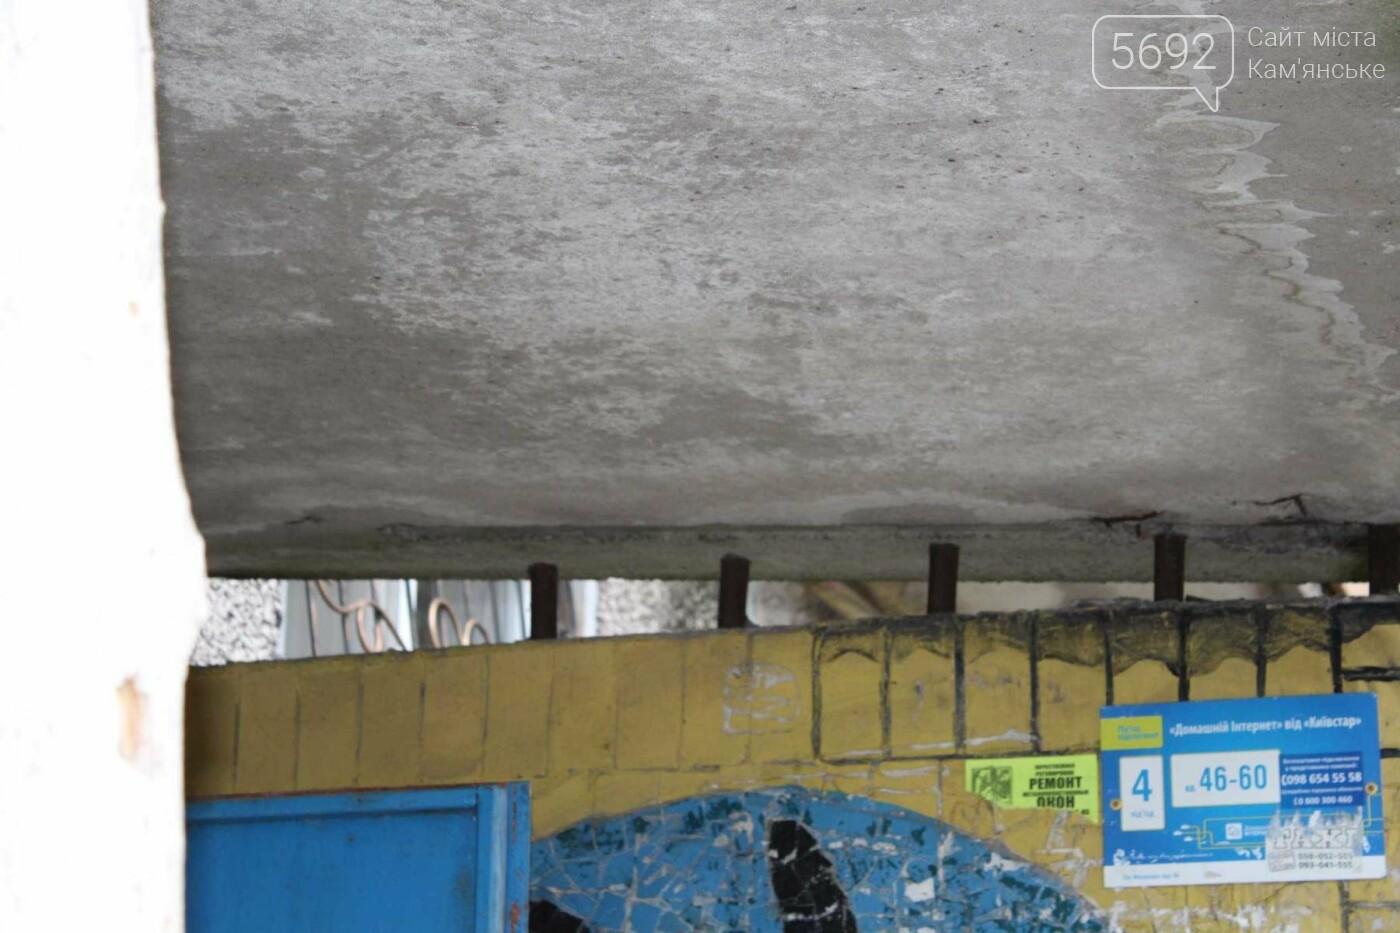 В Каменском еще много аварийных подъездов, фото-7